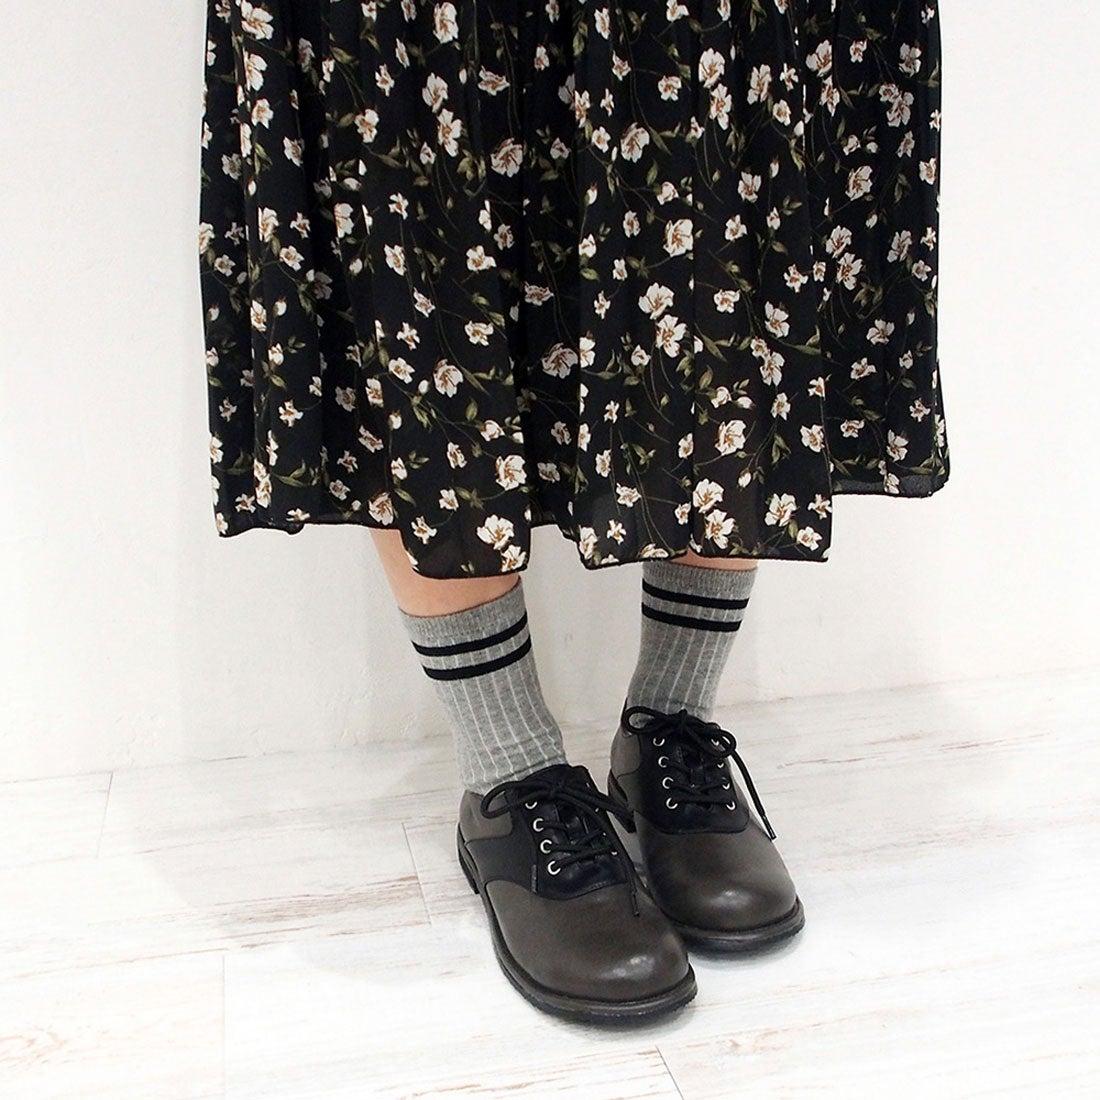 バイアシナガオジサン BY あしながおじさん 足が痛くならない靴!カジュアルレースアップシューズ (ブラック)